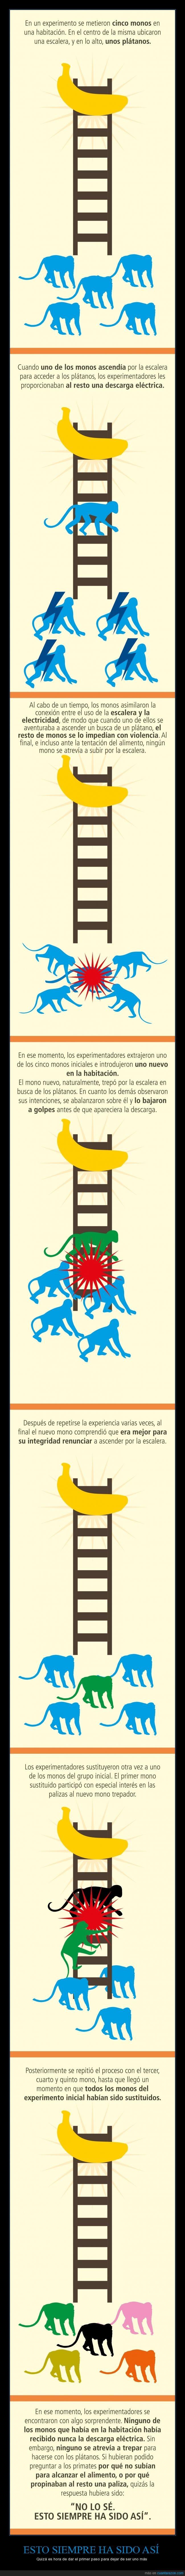 descargas,experimento,fábula,monos,primer paso,rebaño